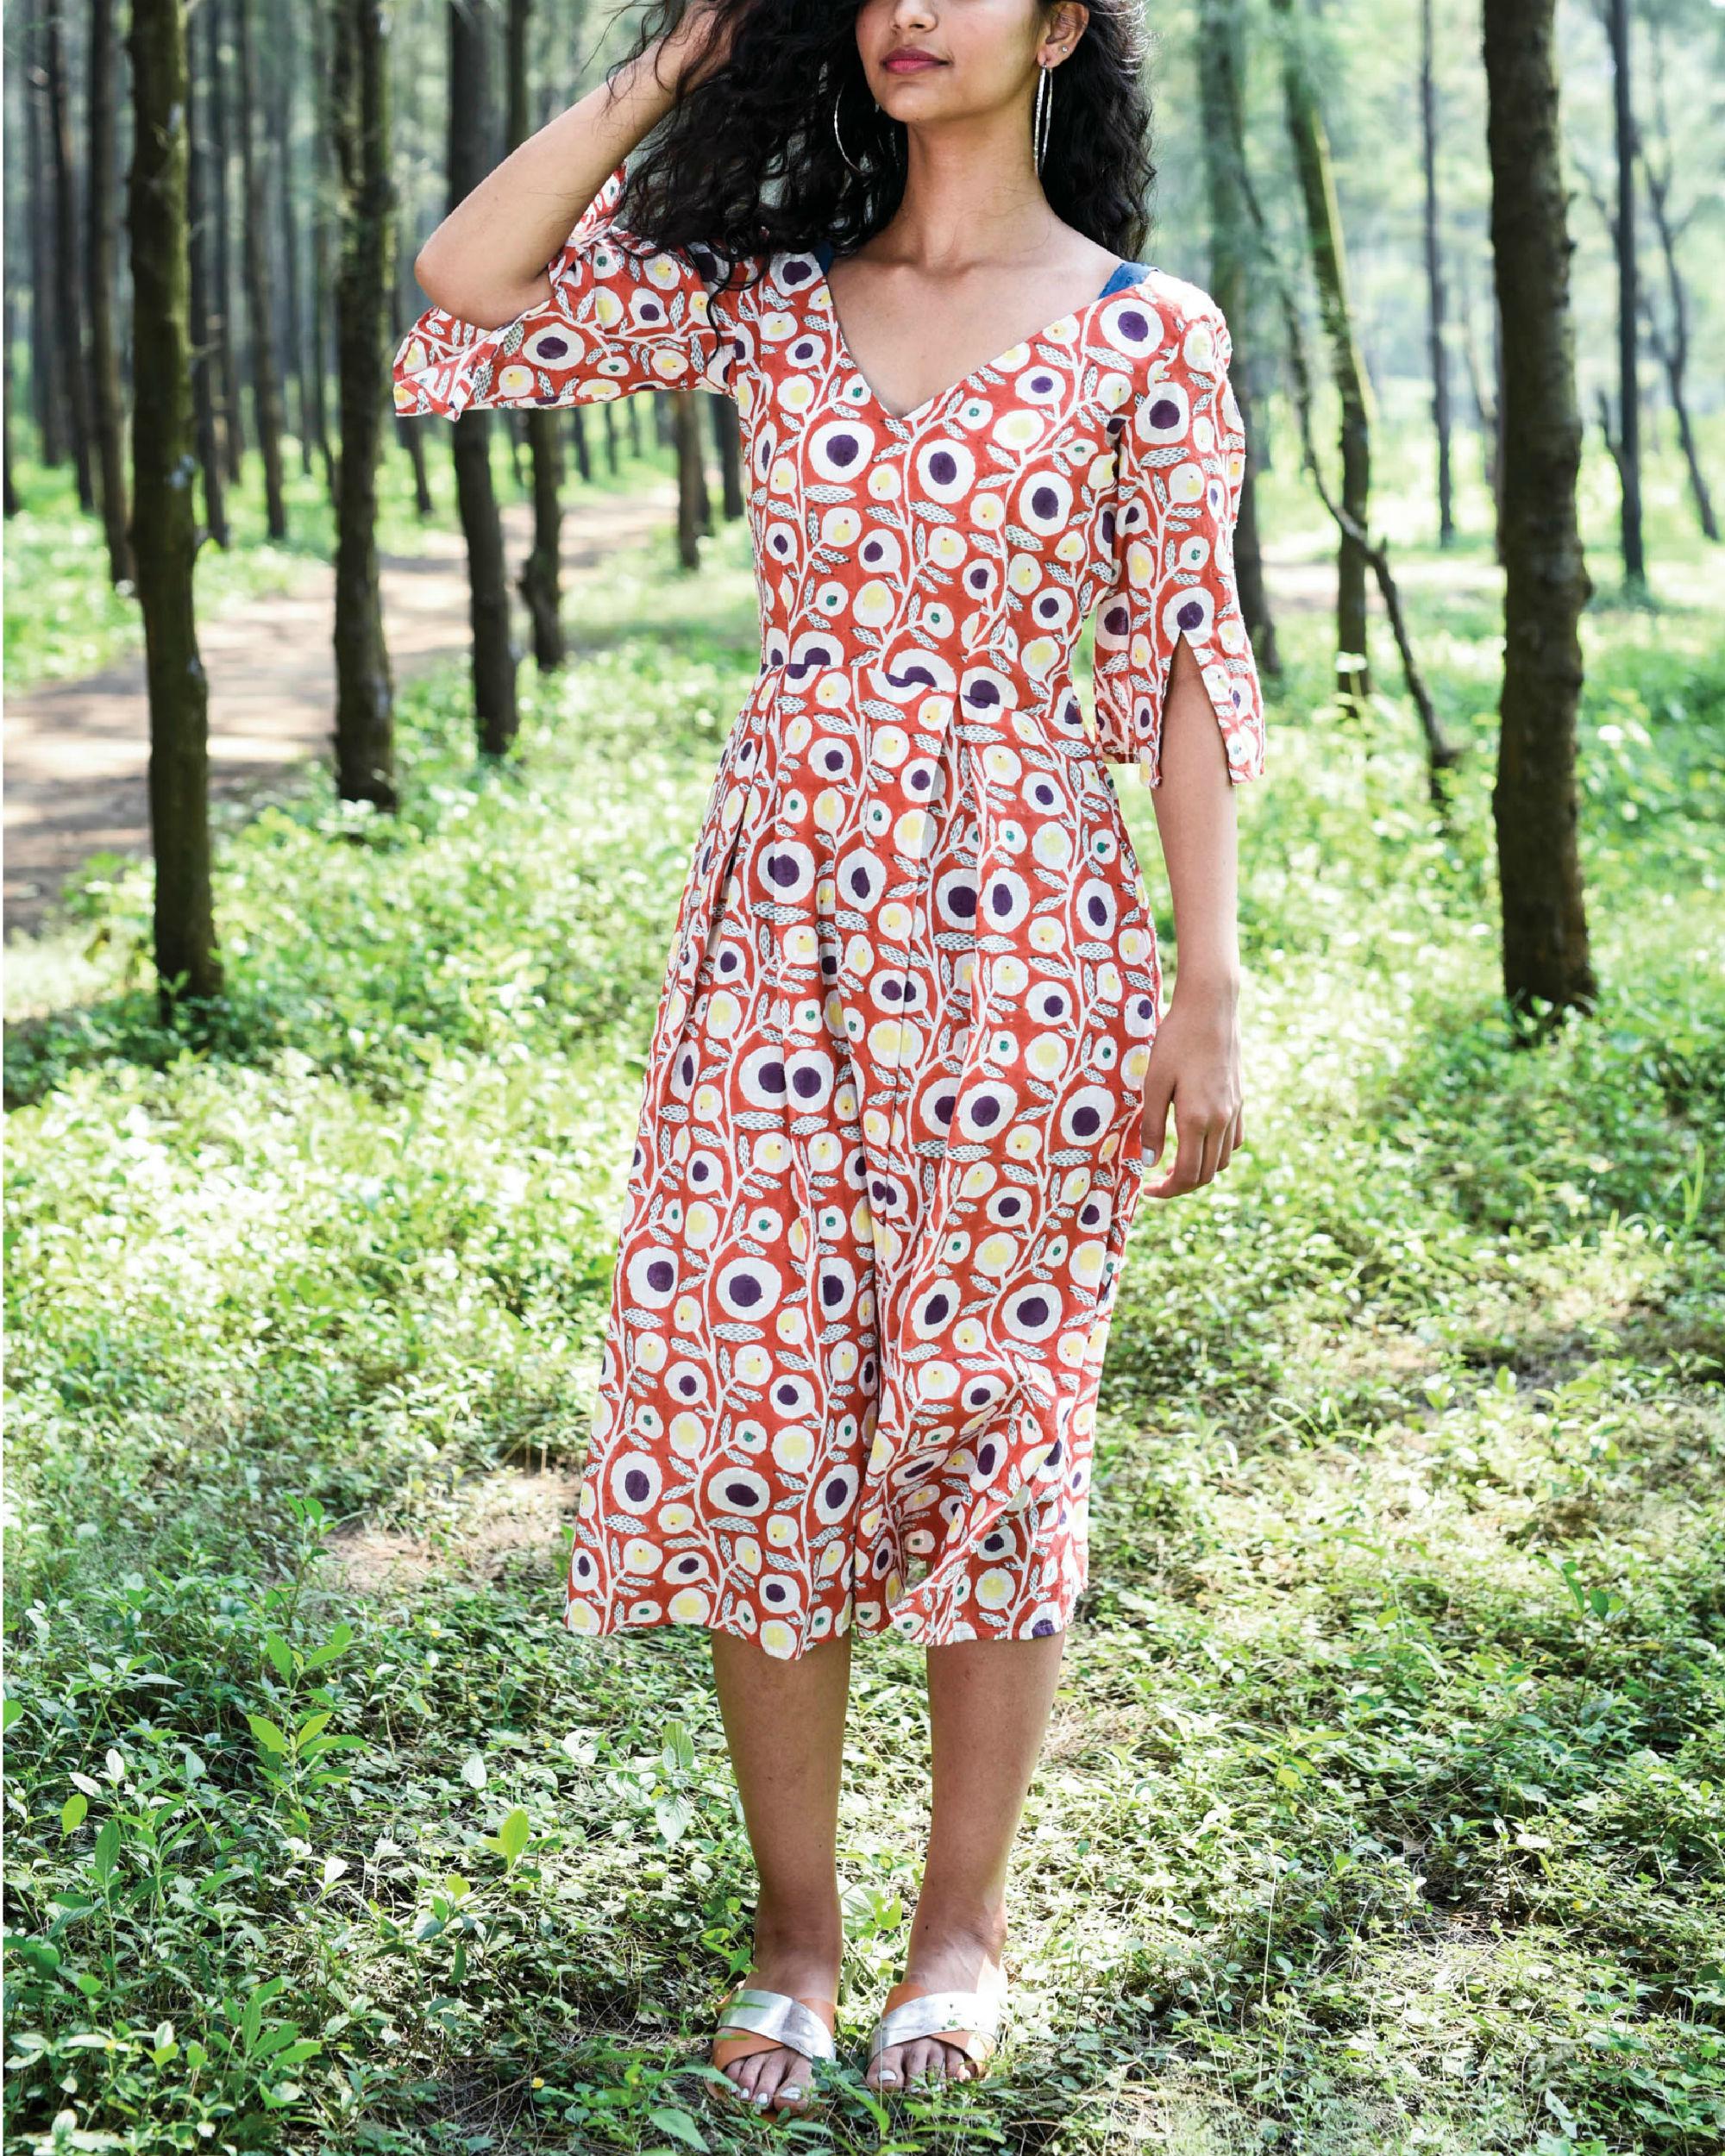 Yetho day dress